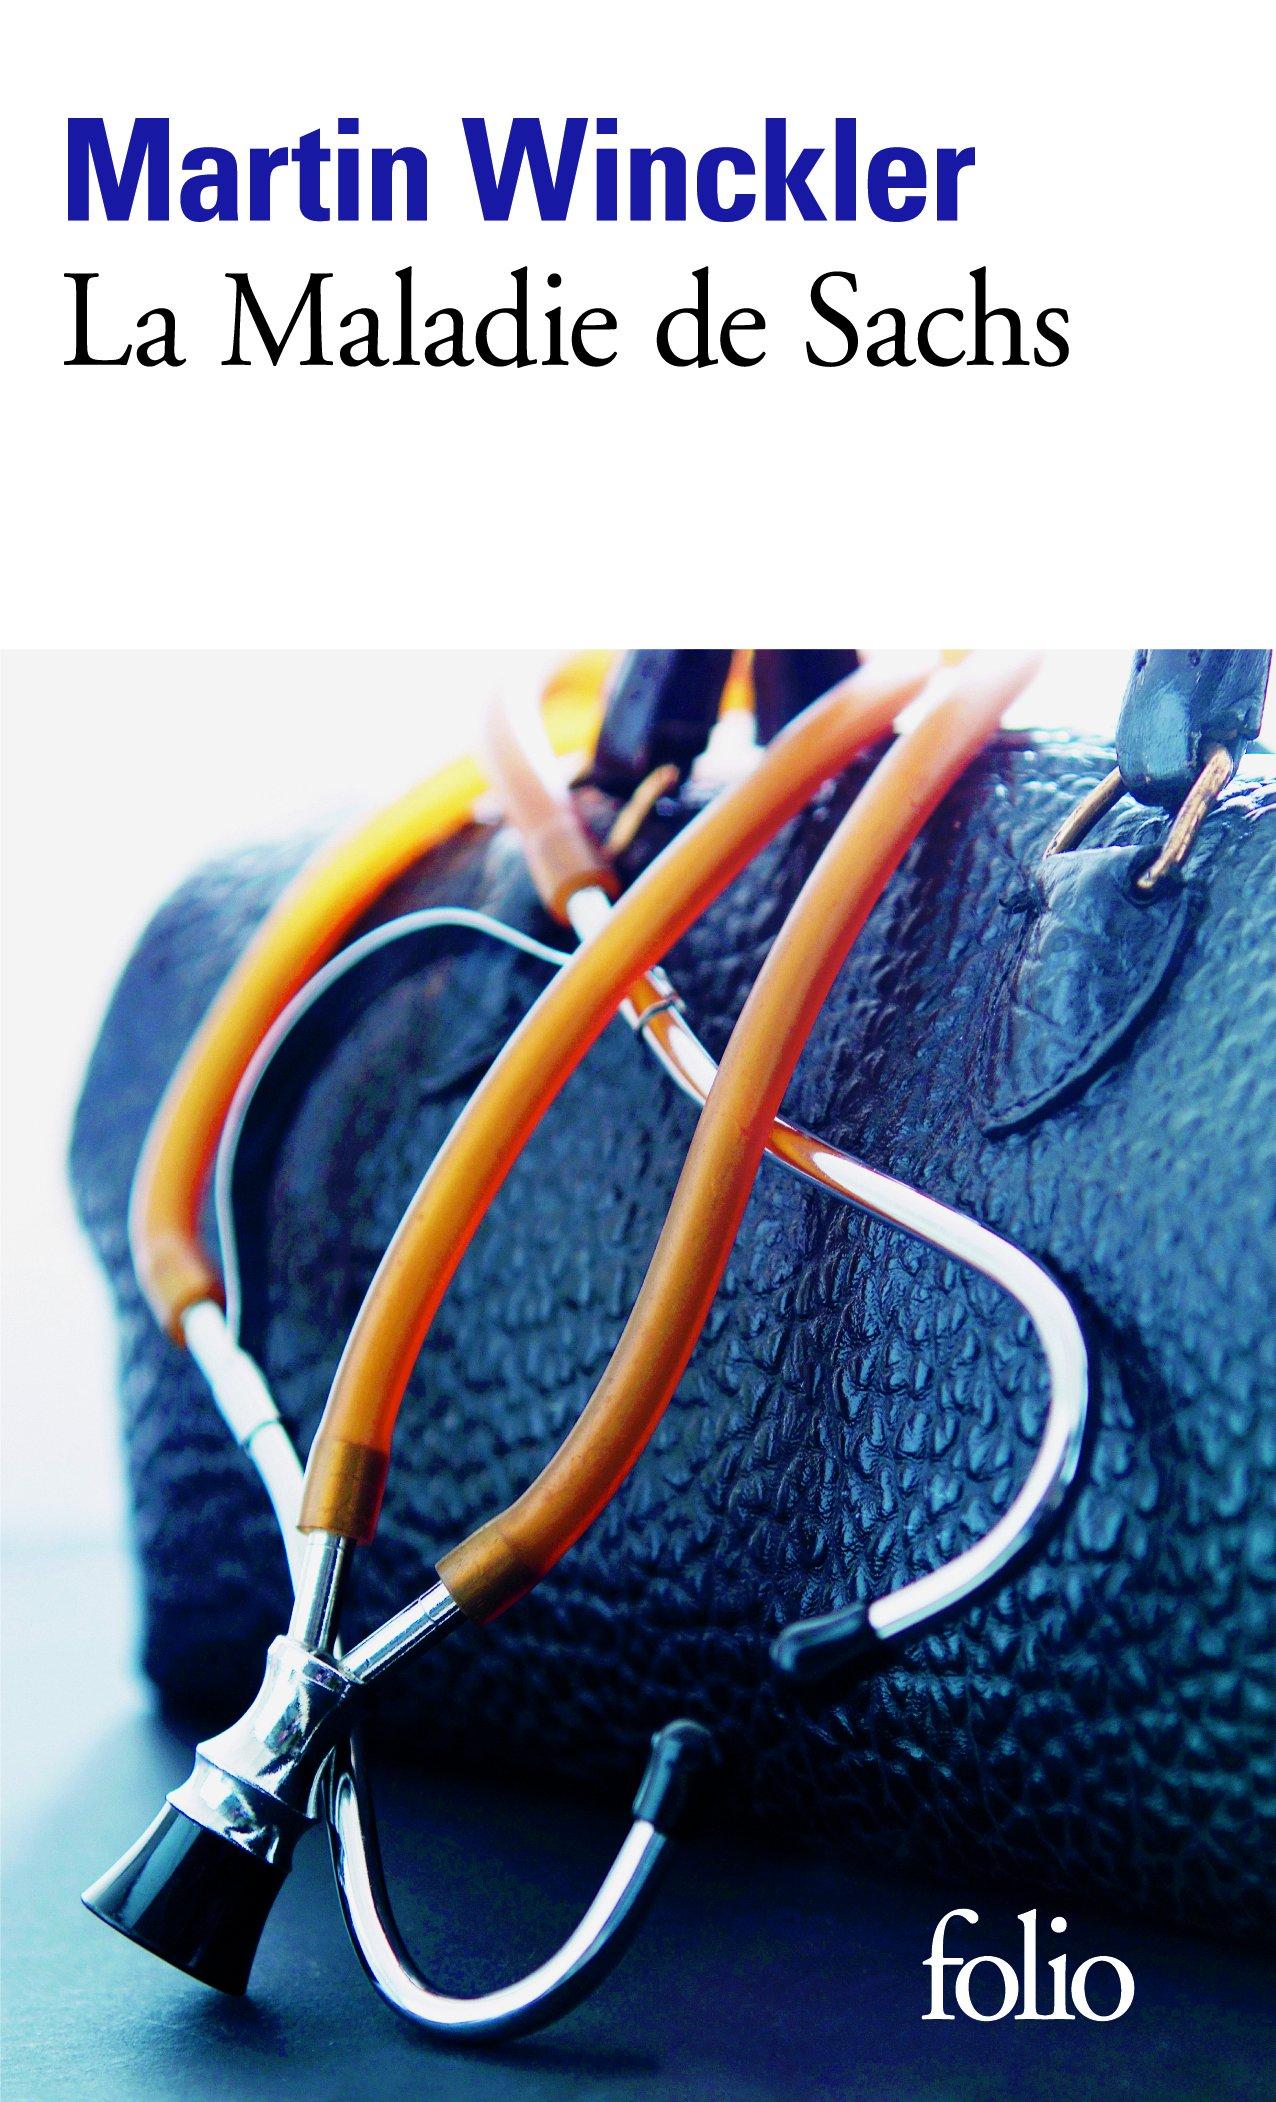 images-na.ssl-images-amazon.com/images/I/81CzOobudhL.jpg